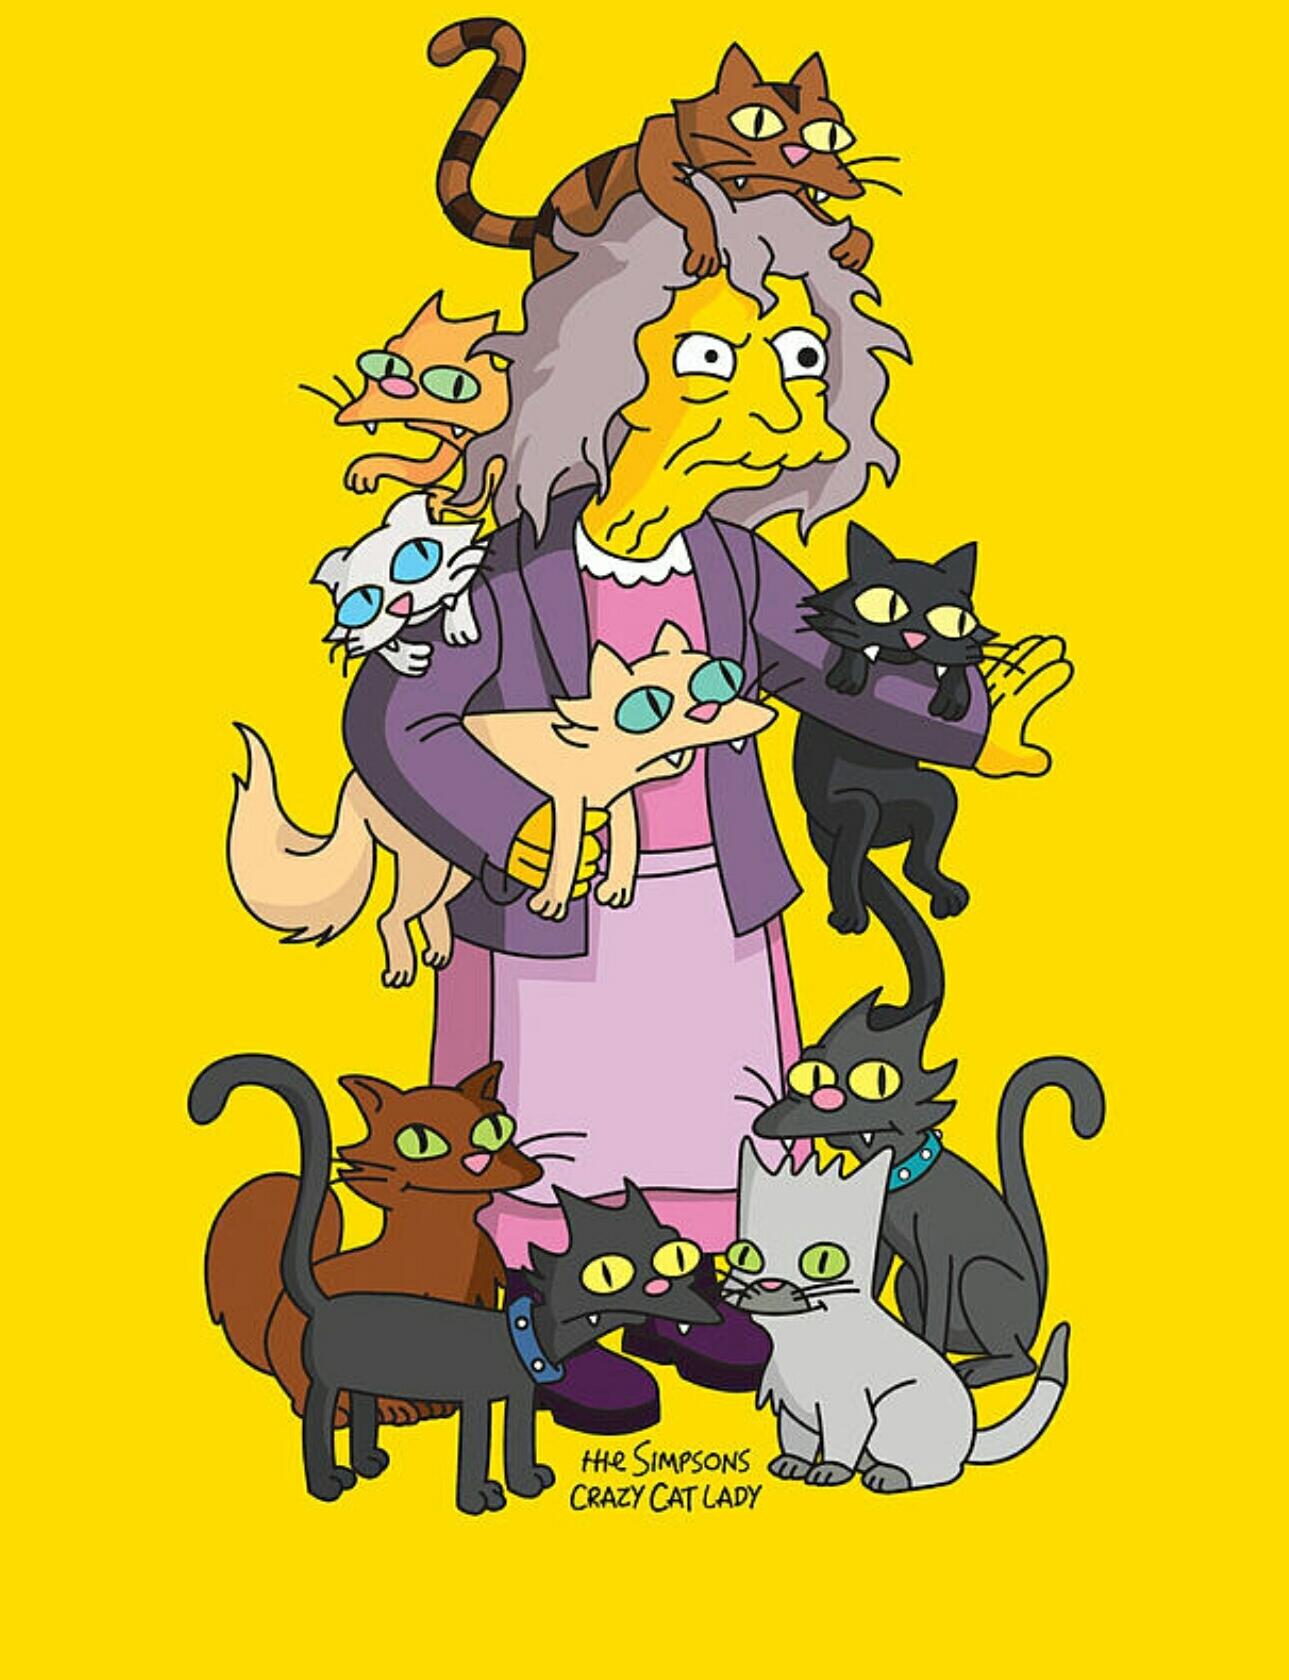 Cat lady - Wikipedia